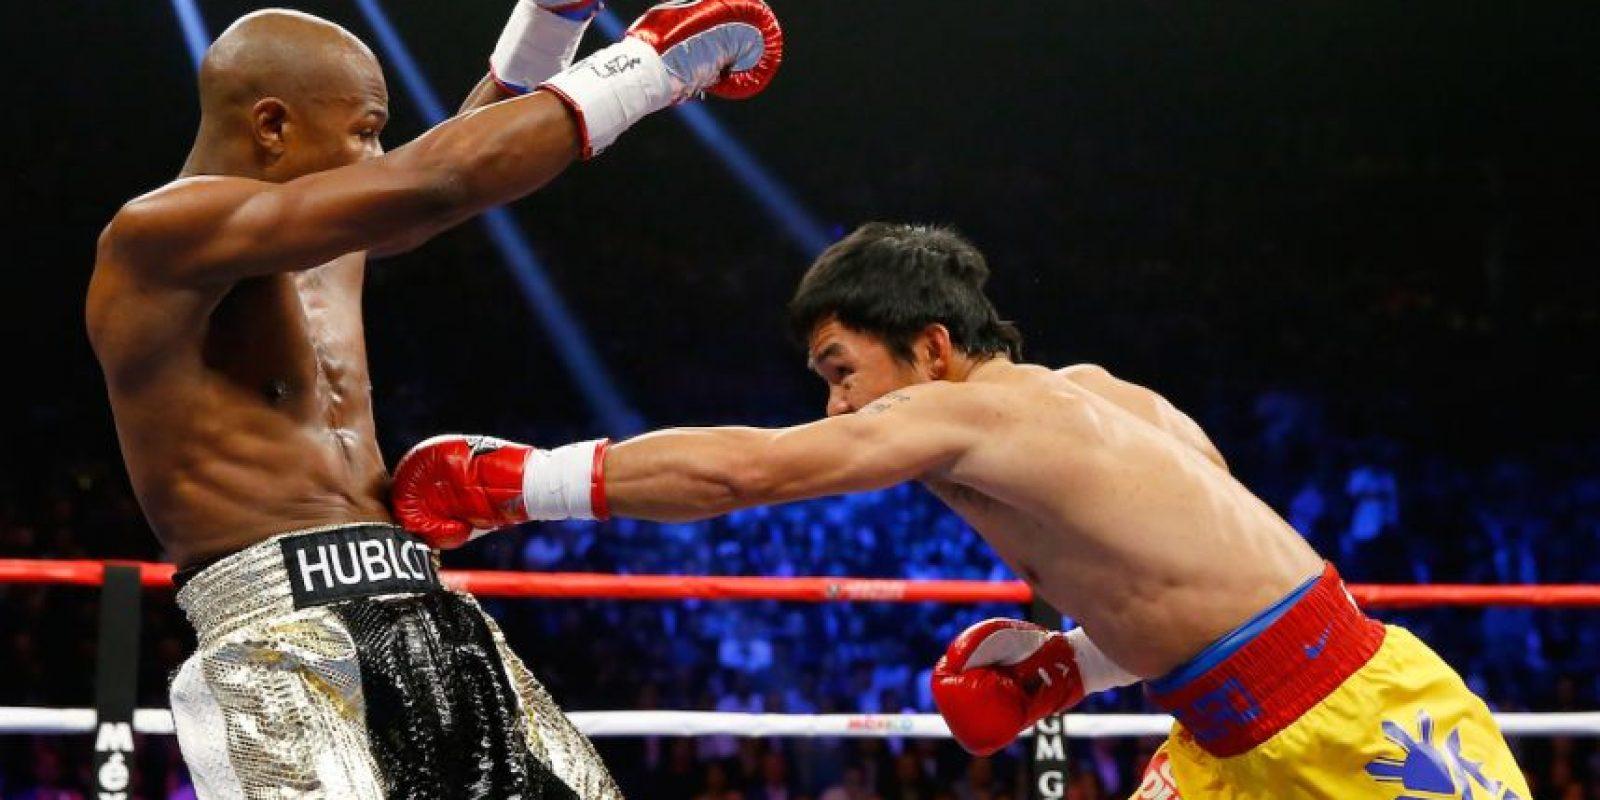 """Esa pelea llegó el pasado 2 de mayo y fue tal su trascendencia que medios internacionales la llamaron """"La Pelea del Siglo""""… pero la función quedó a deber. Foto:Getty Images"""